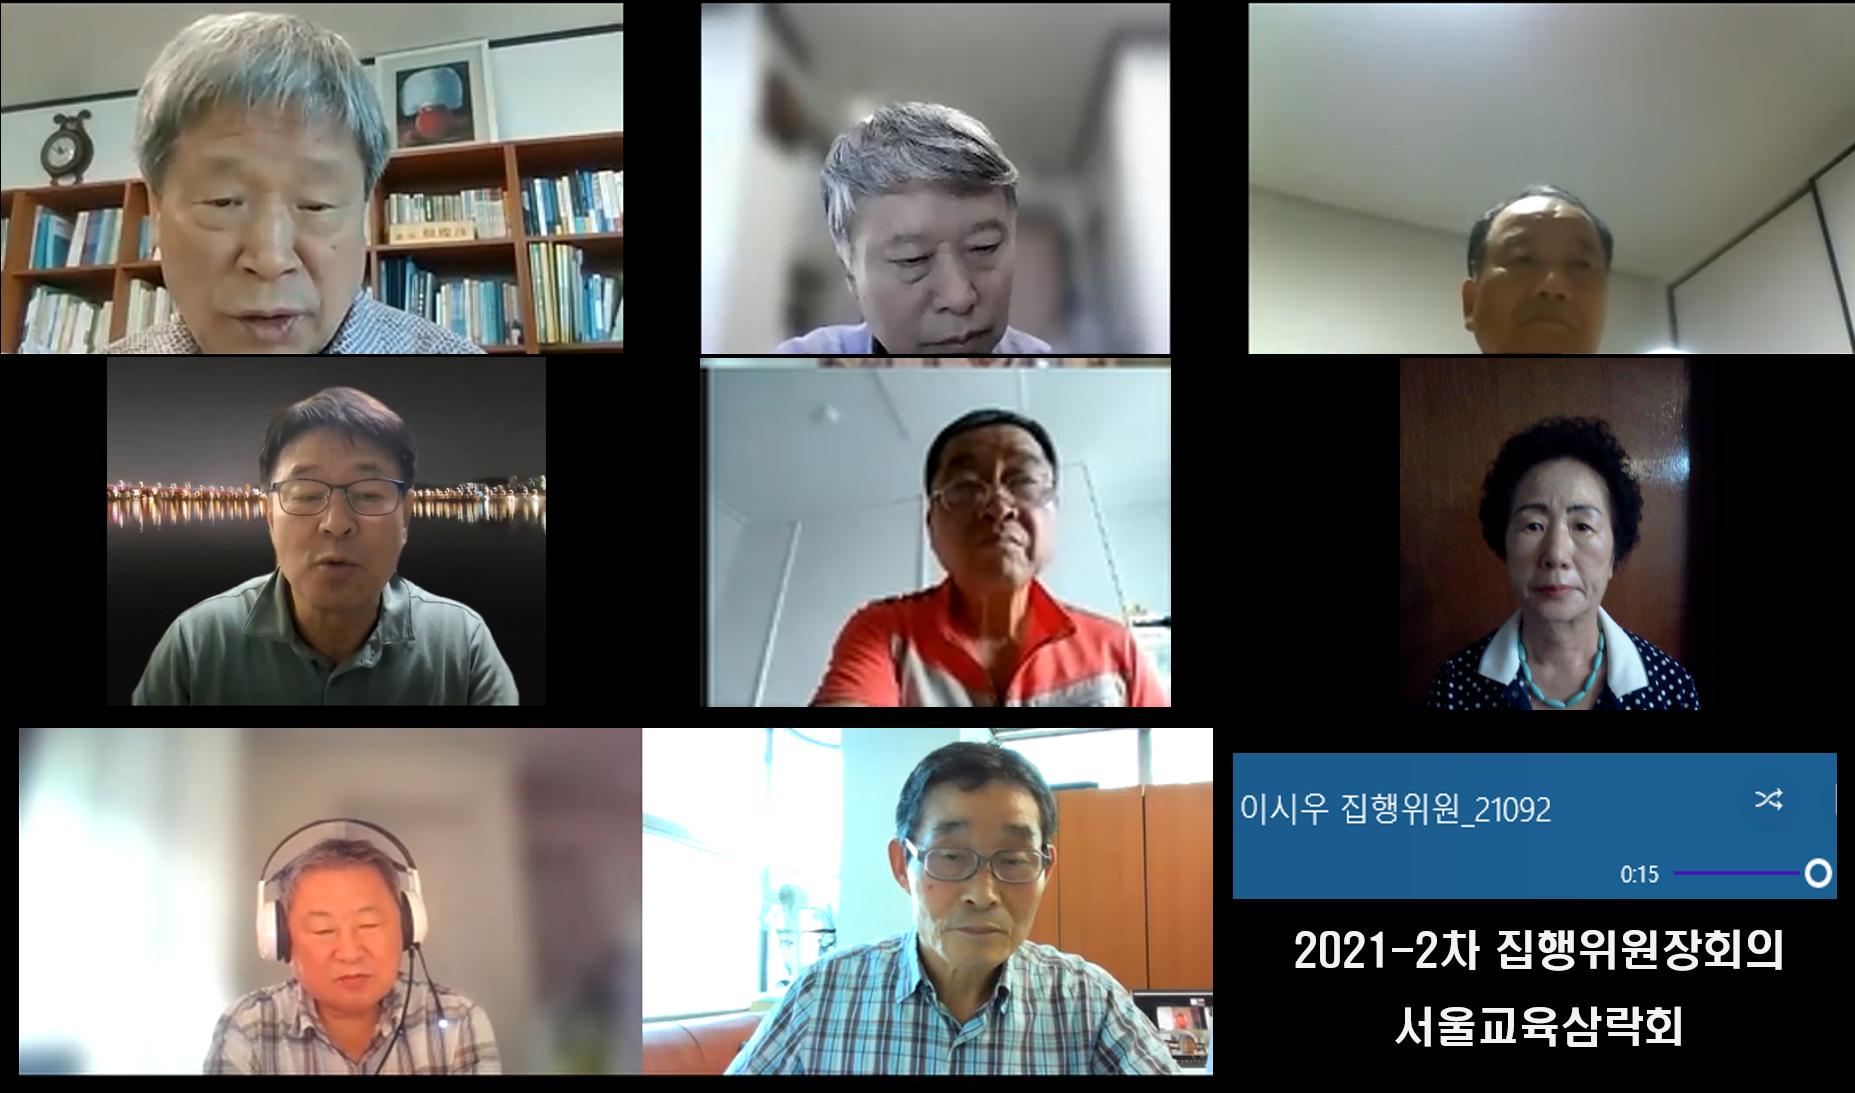 2021-2차 집행위원장회의.png